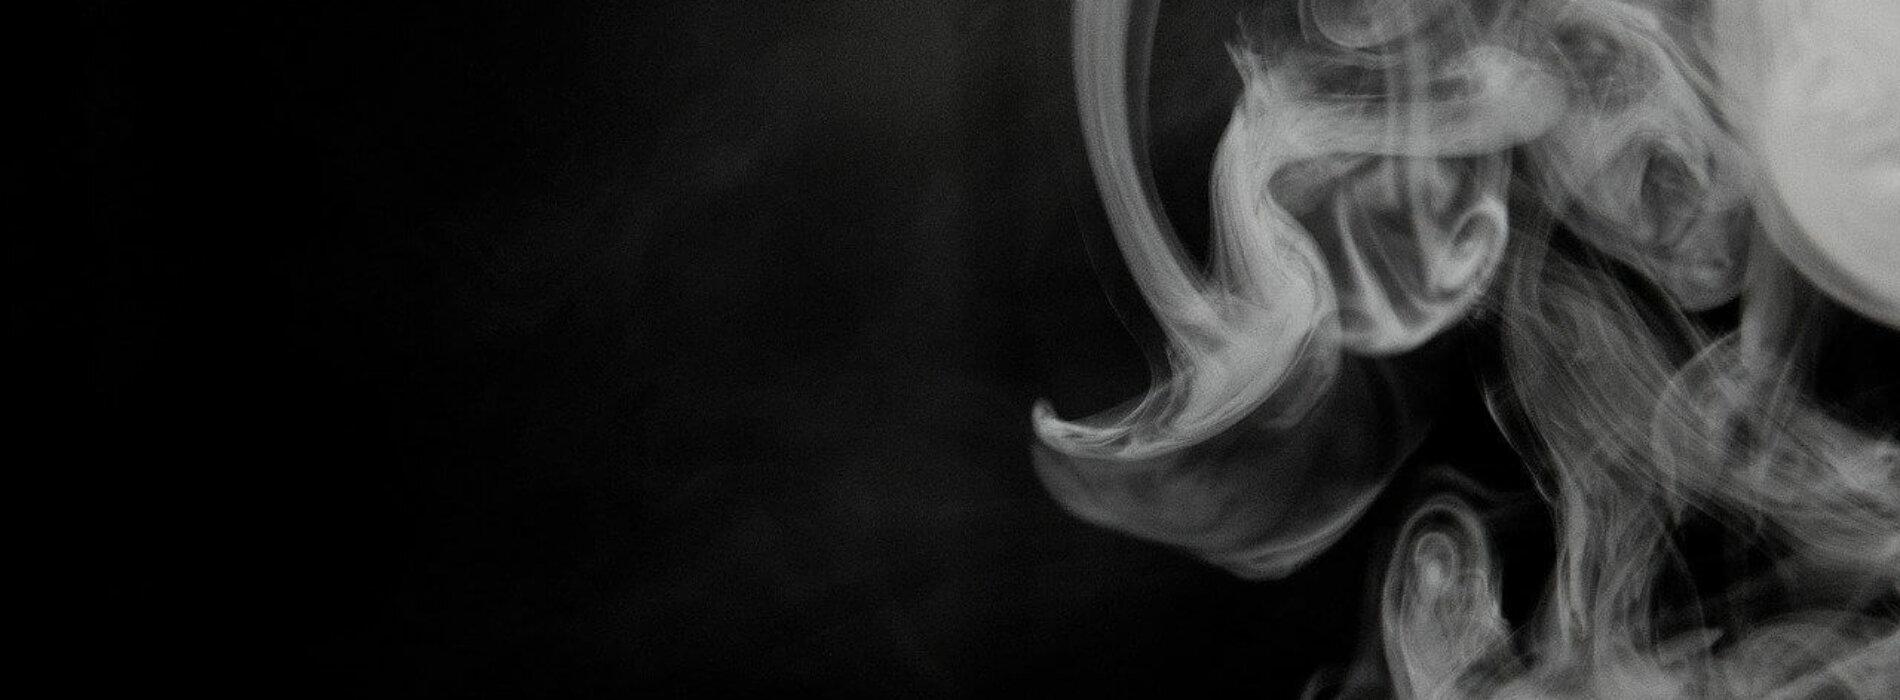 Ministerstwo Sprawiedliwości proponuje podwyżkę akcyzy na podgrzewacze tytoniu. Jej wprowadzenie da ponad 1 mld zł rocznie do budżetu